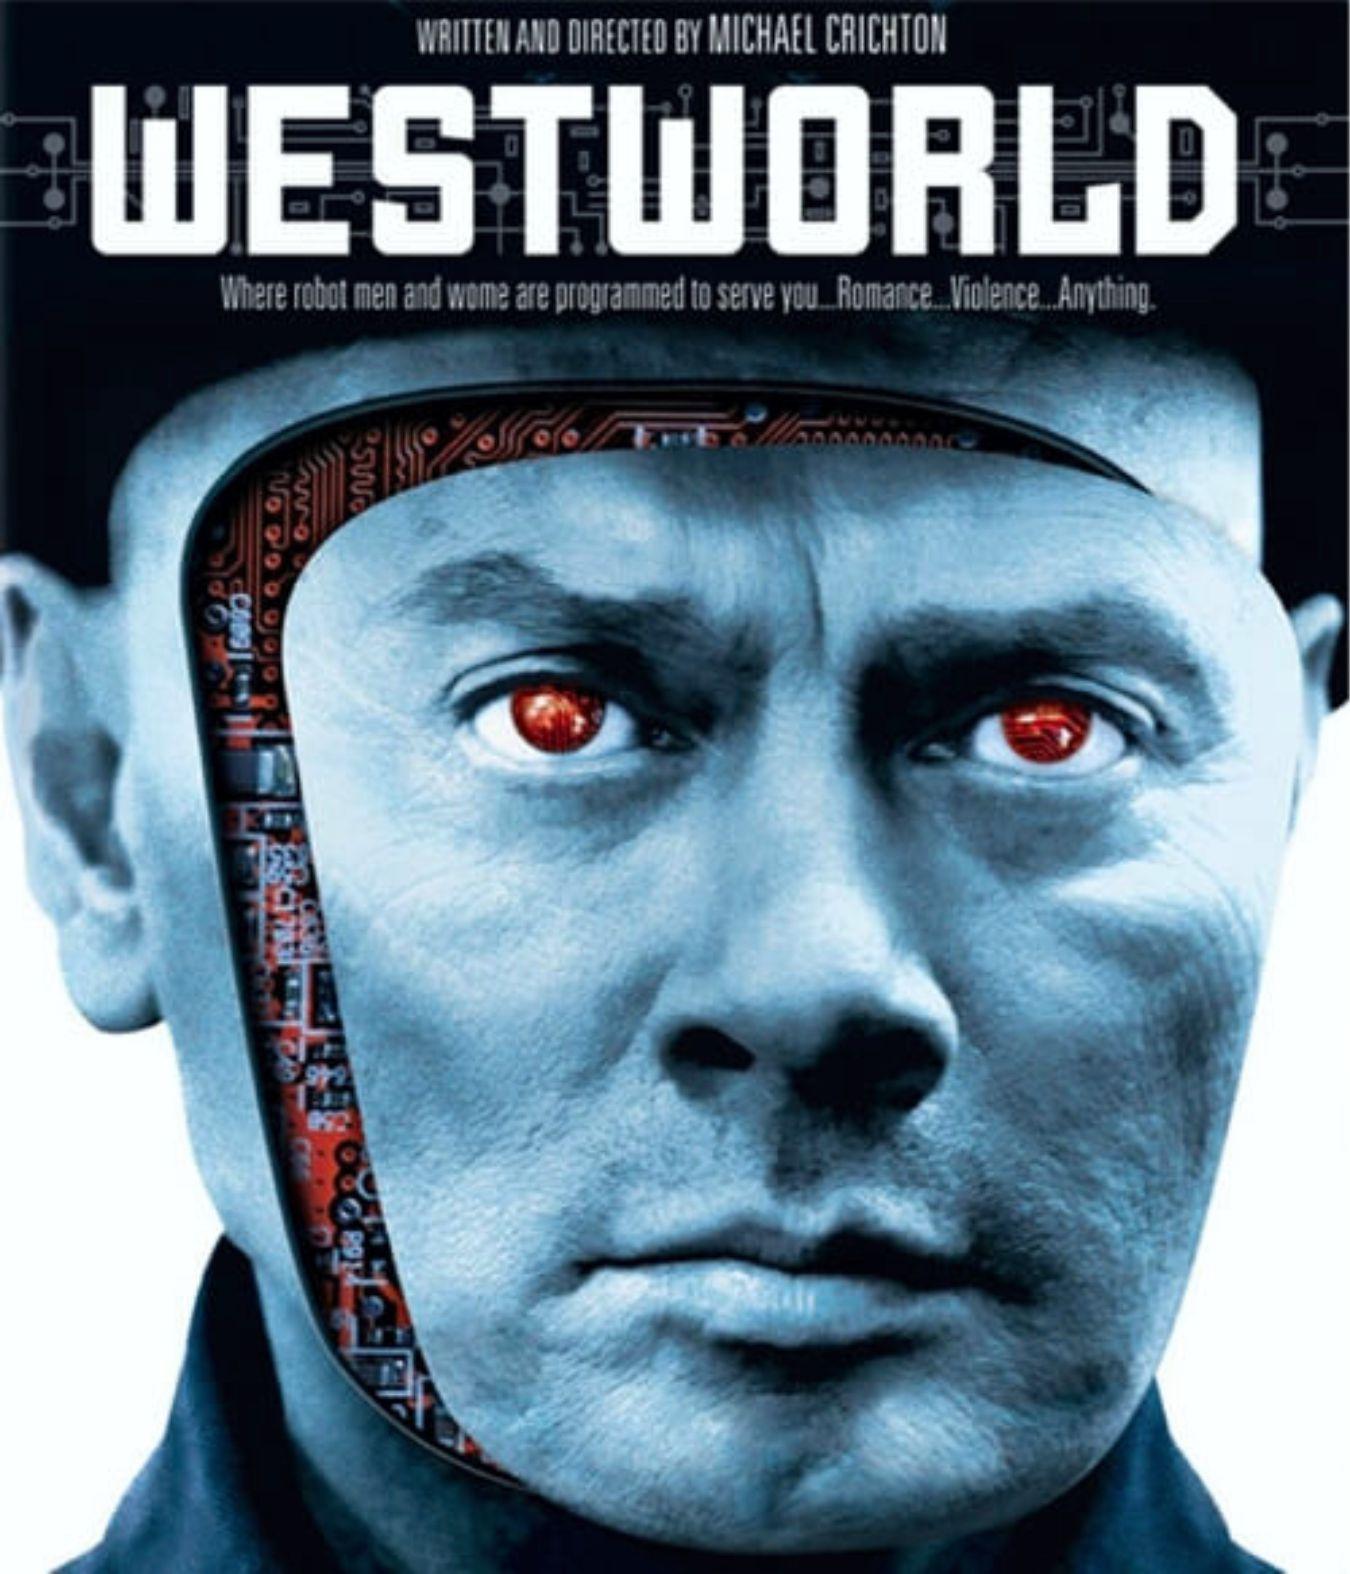 Wer Streamt Westworld